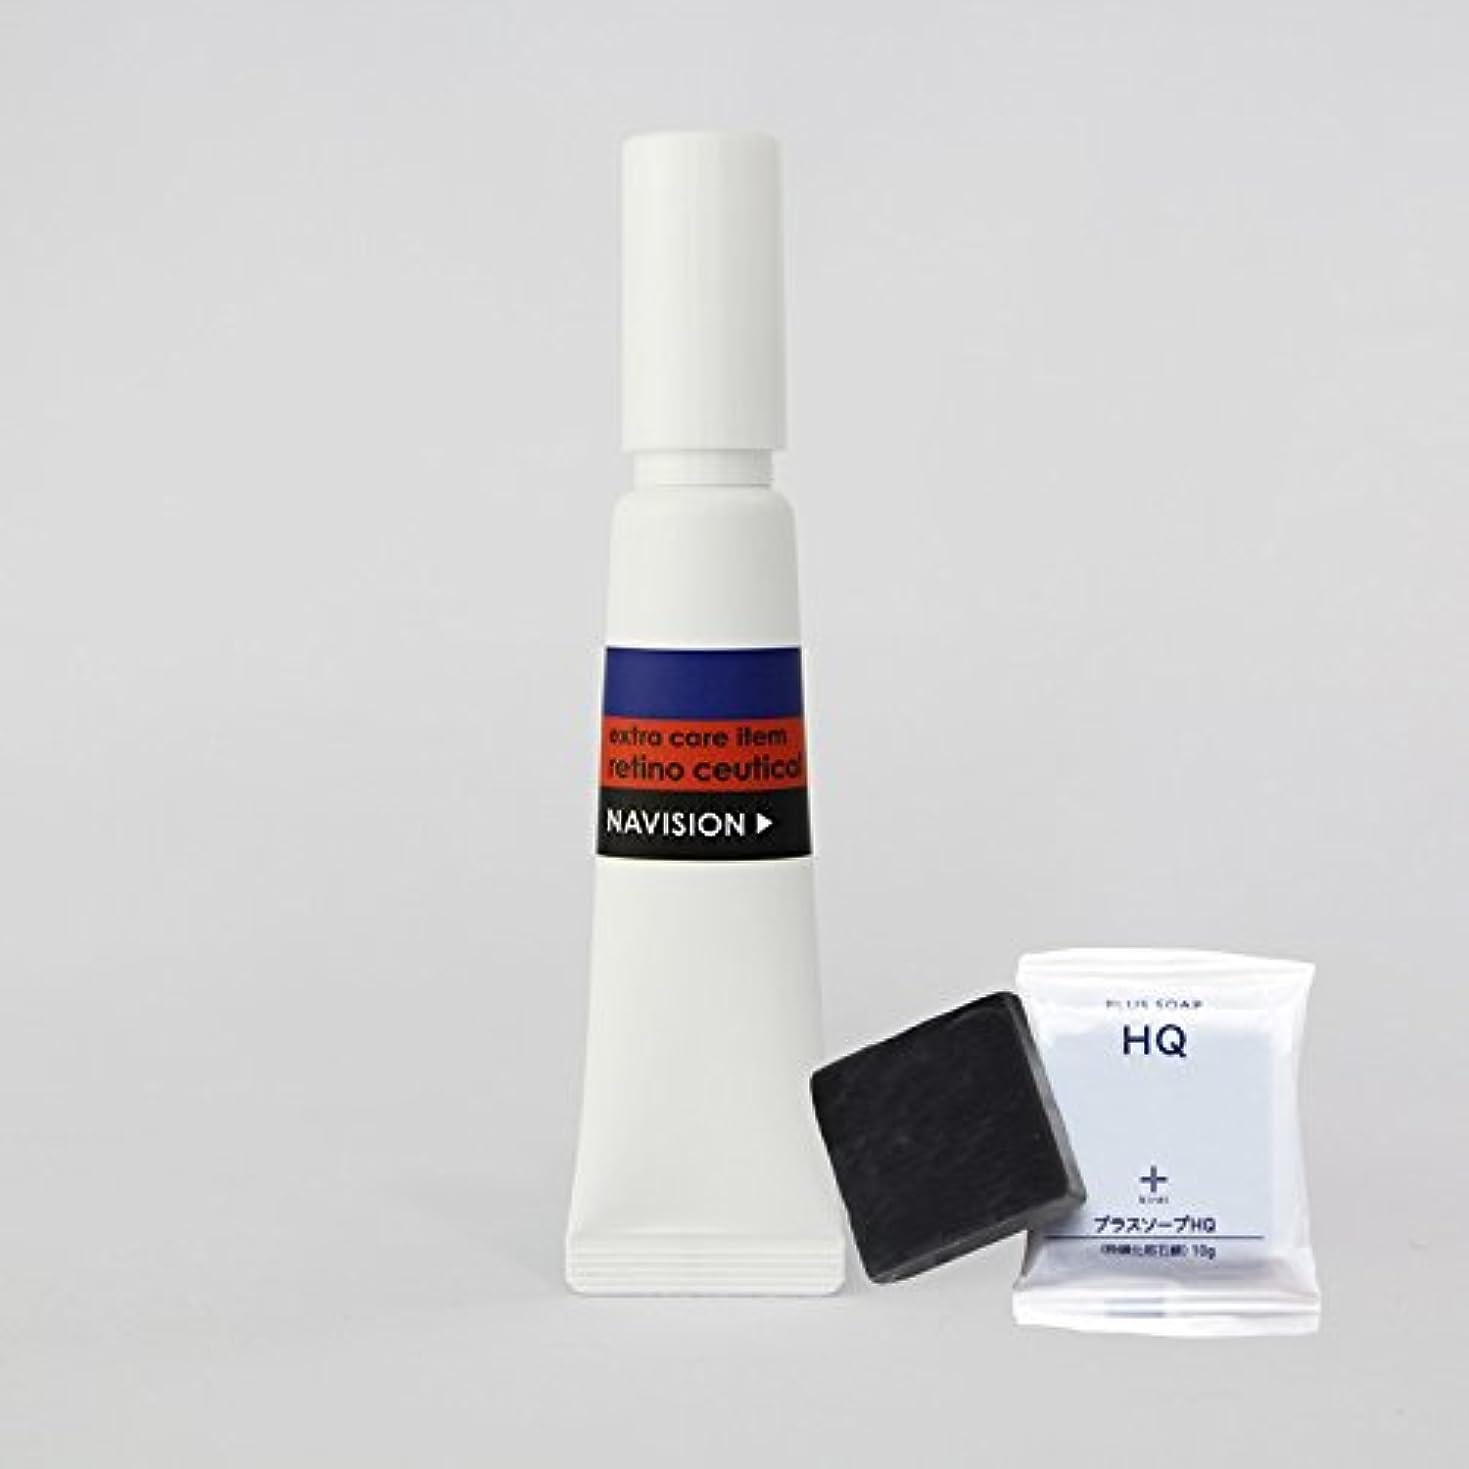 テメリティそして僕のナビジョン NAVISION レチノシューティカル 15g (医薬部外品) + プラスキレイ プラスソープHQミニ